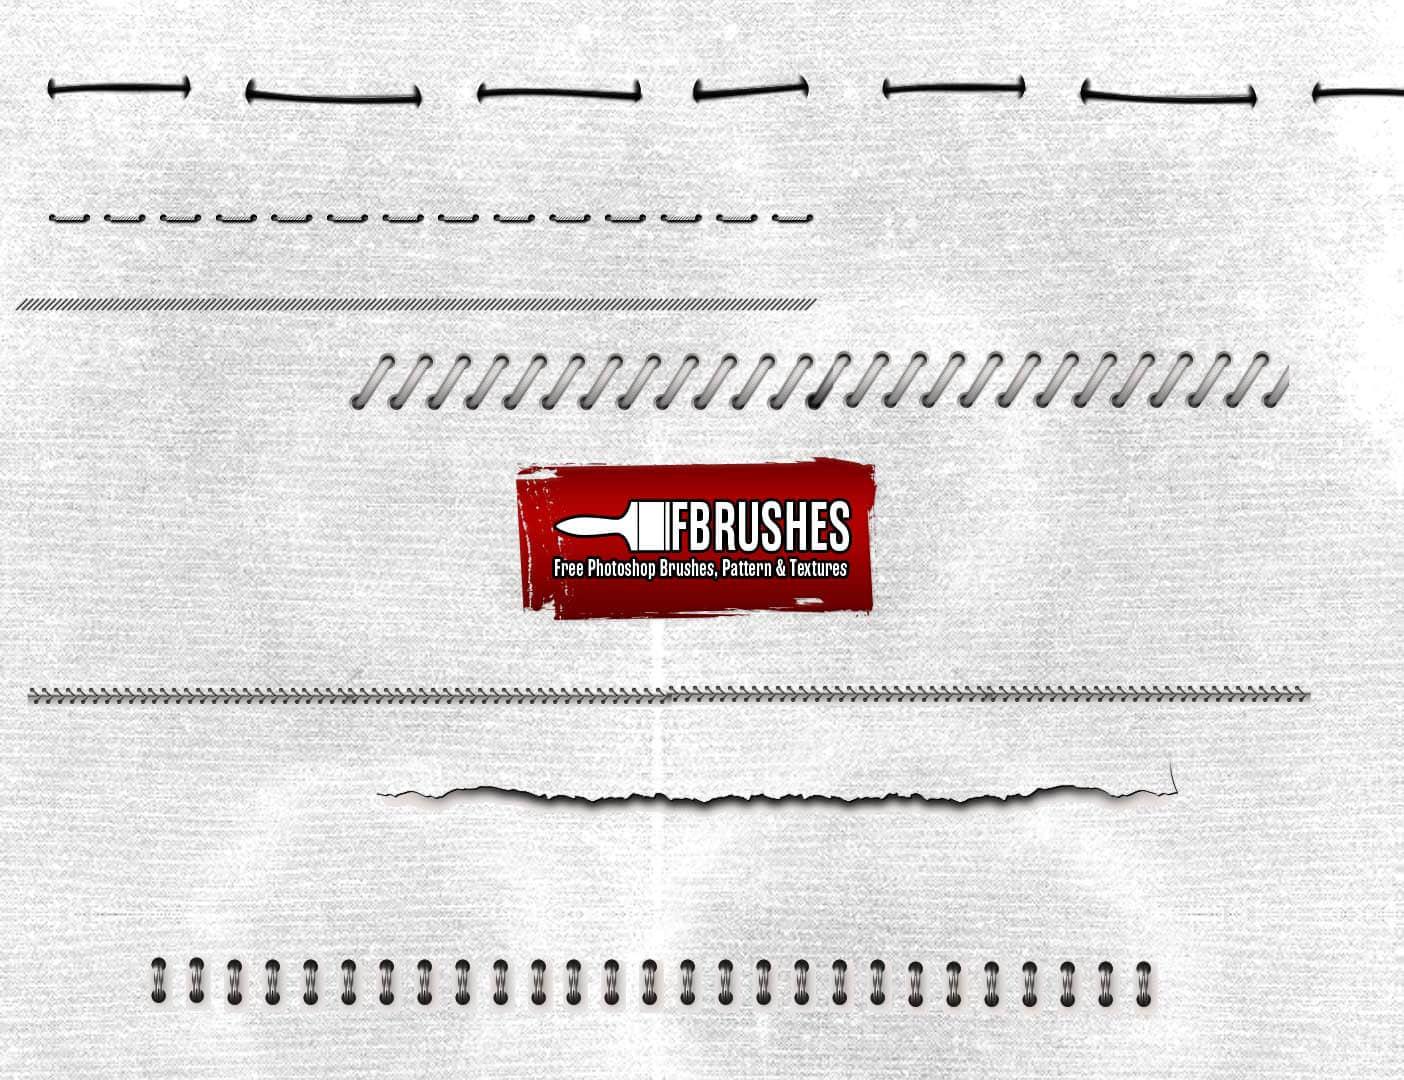 笔记本、记事簿装订线、装订环PS笔刷下载 装订线笔刷  other brushes